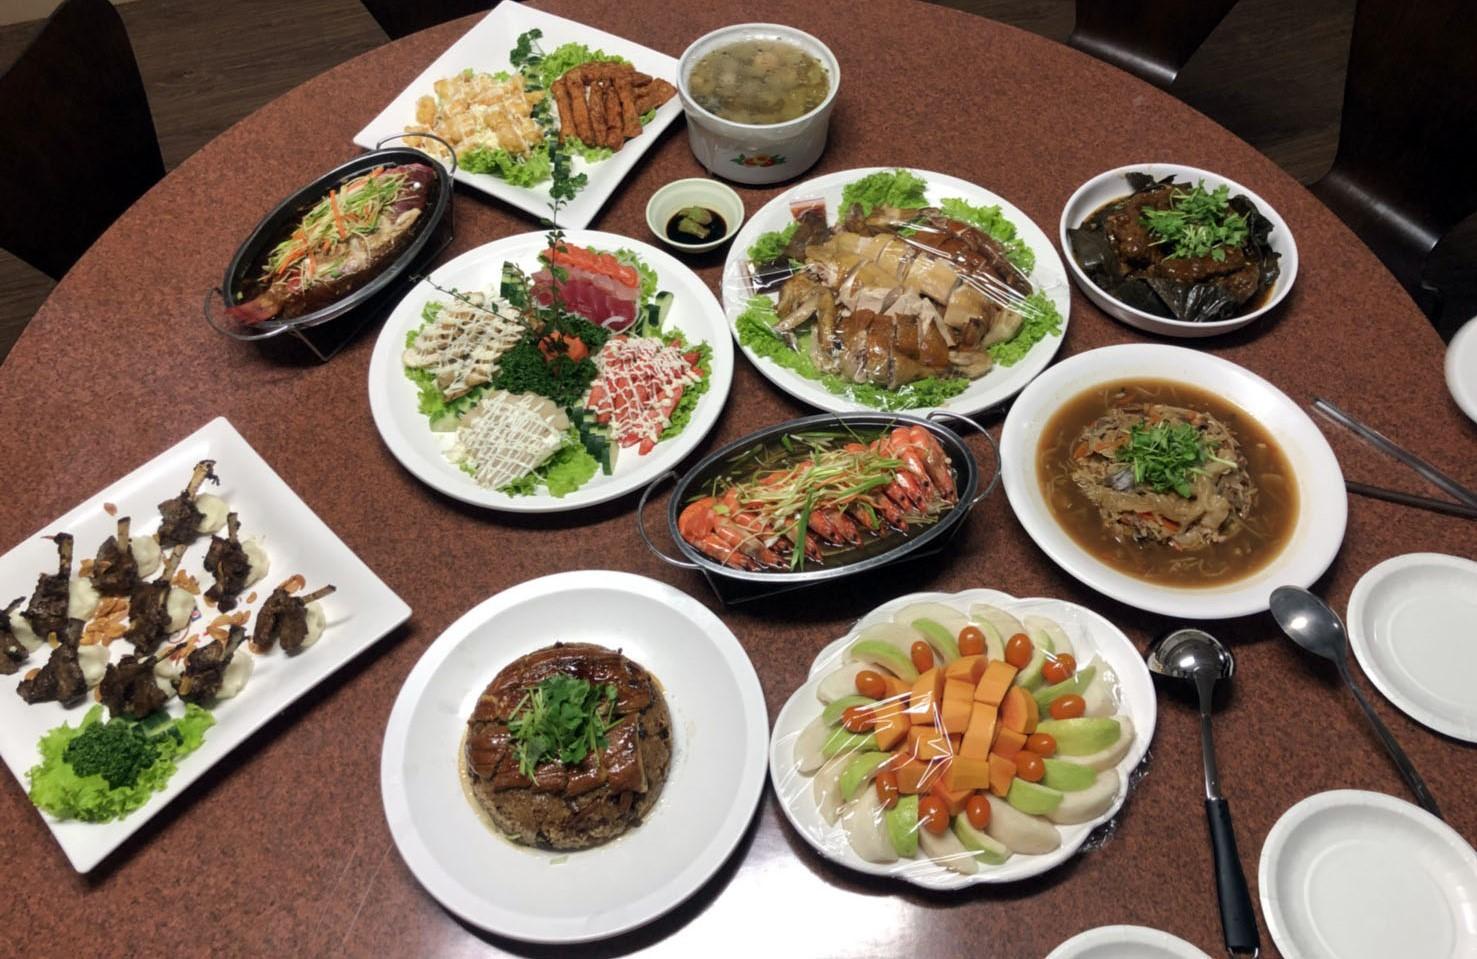 新生活教育中心每年過年,梁忠平都會為學員與職員們準備大餐